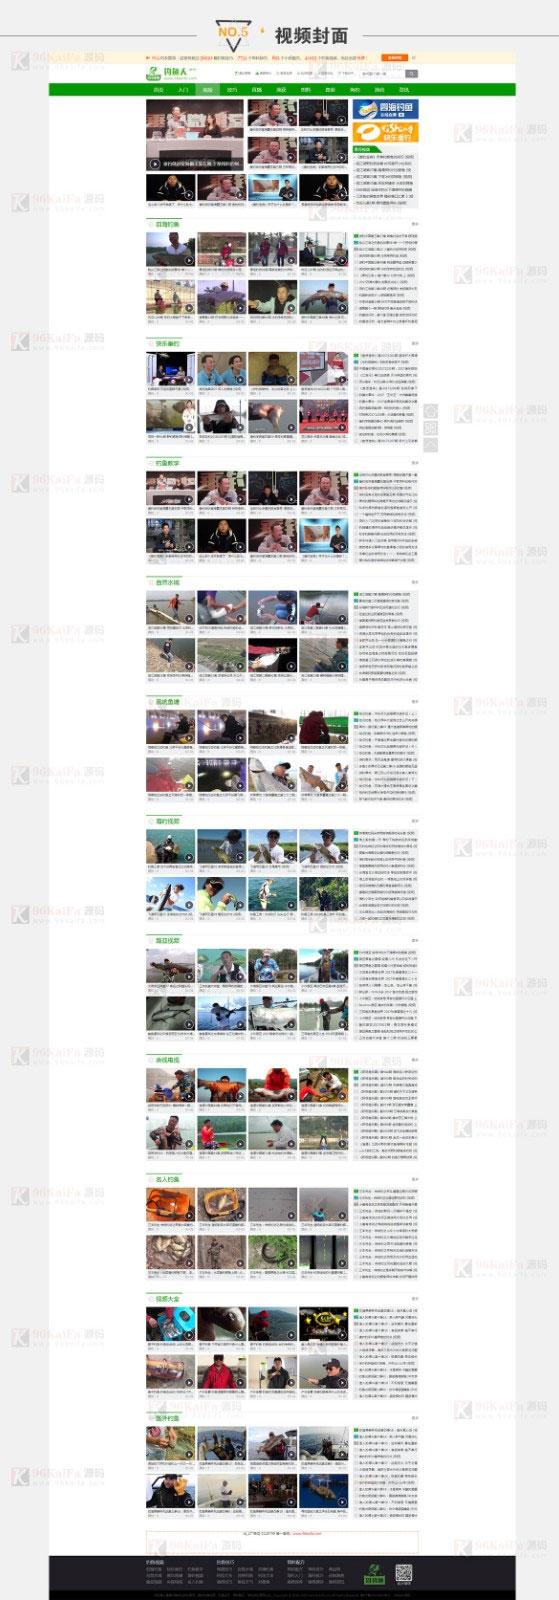 帝国CMS仿钓鱼人钓鱼视频钓鱼资讯类网站模板 带火车头采集器-爱资源分享